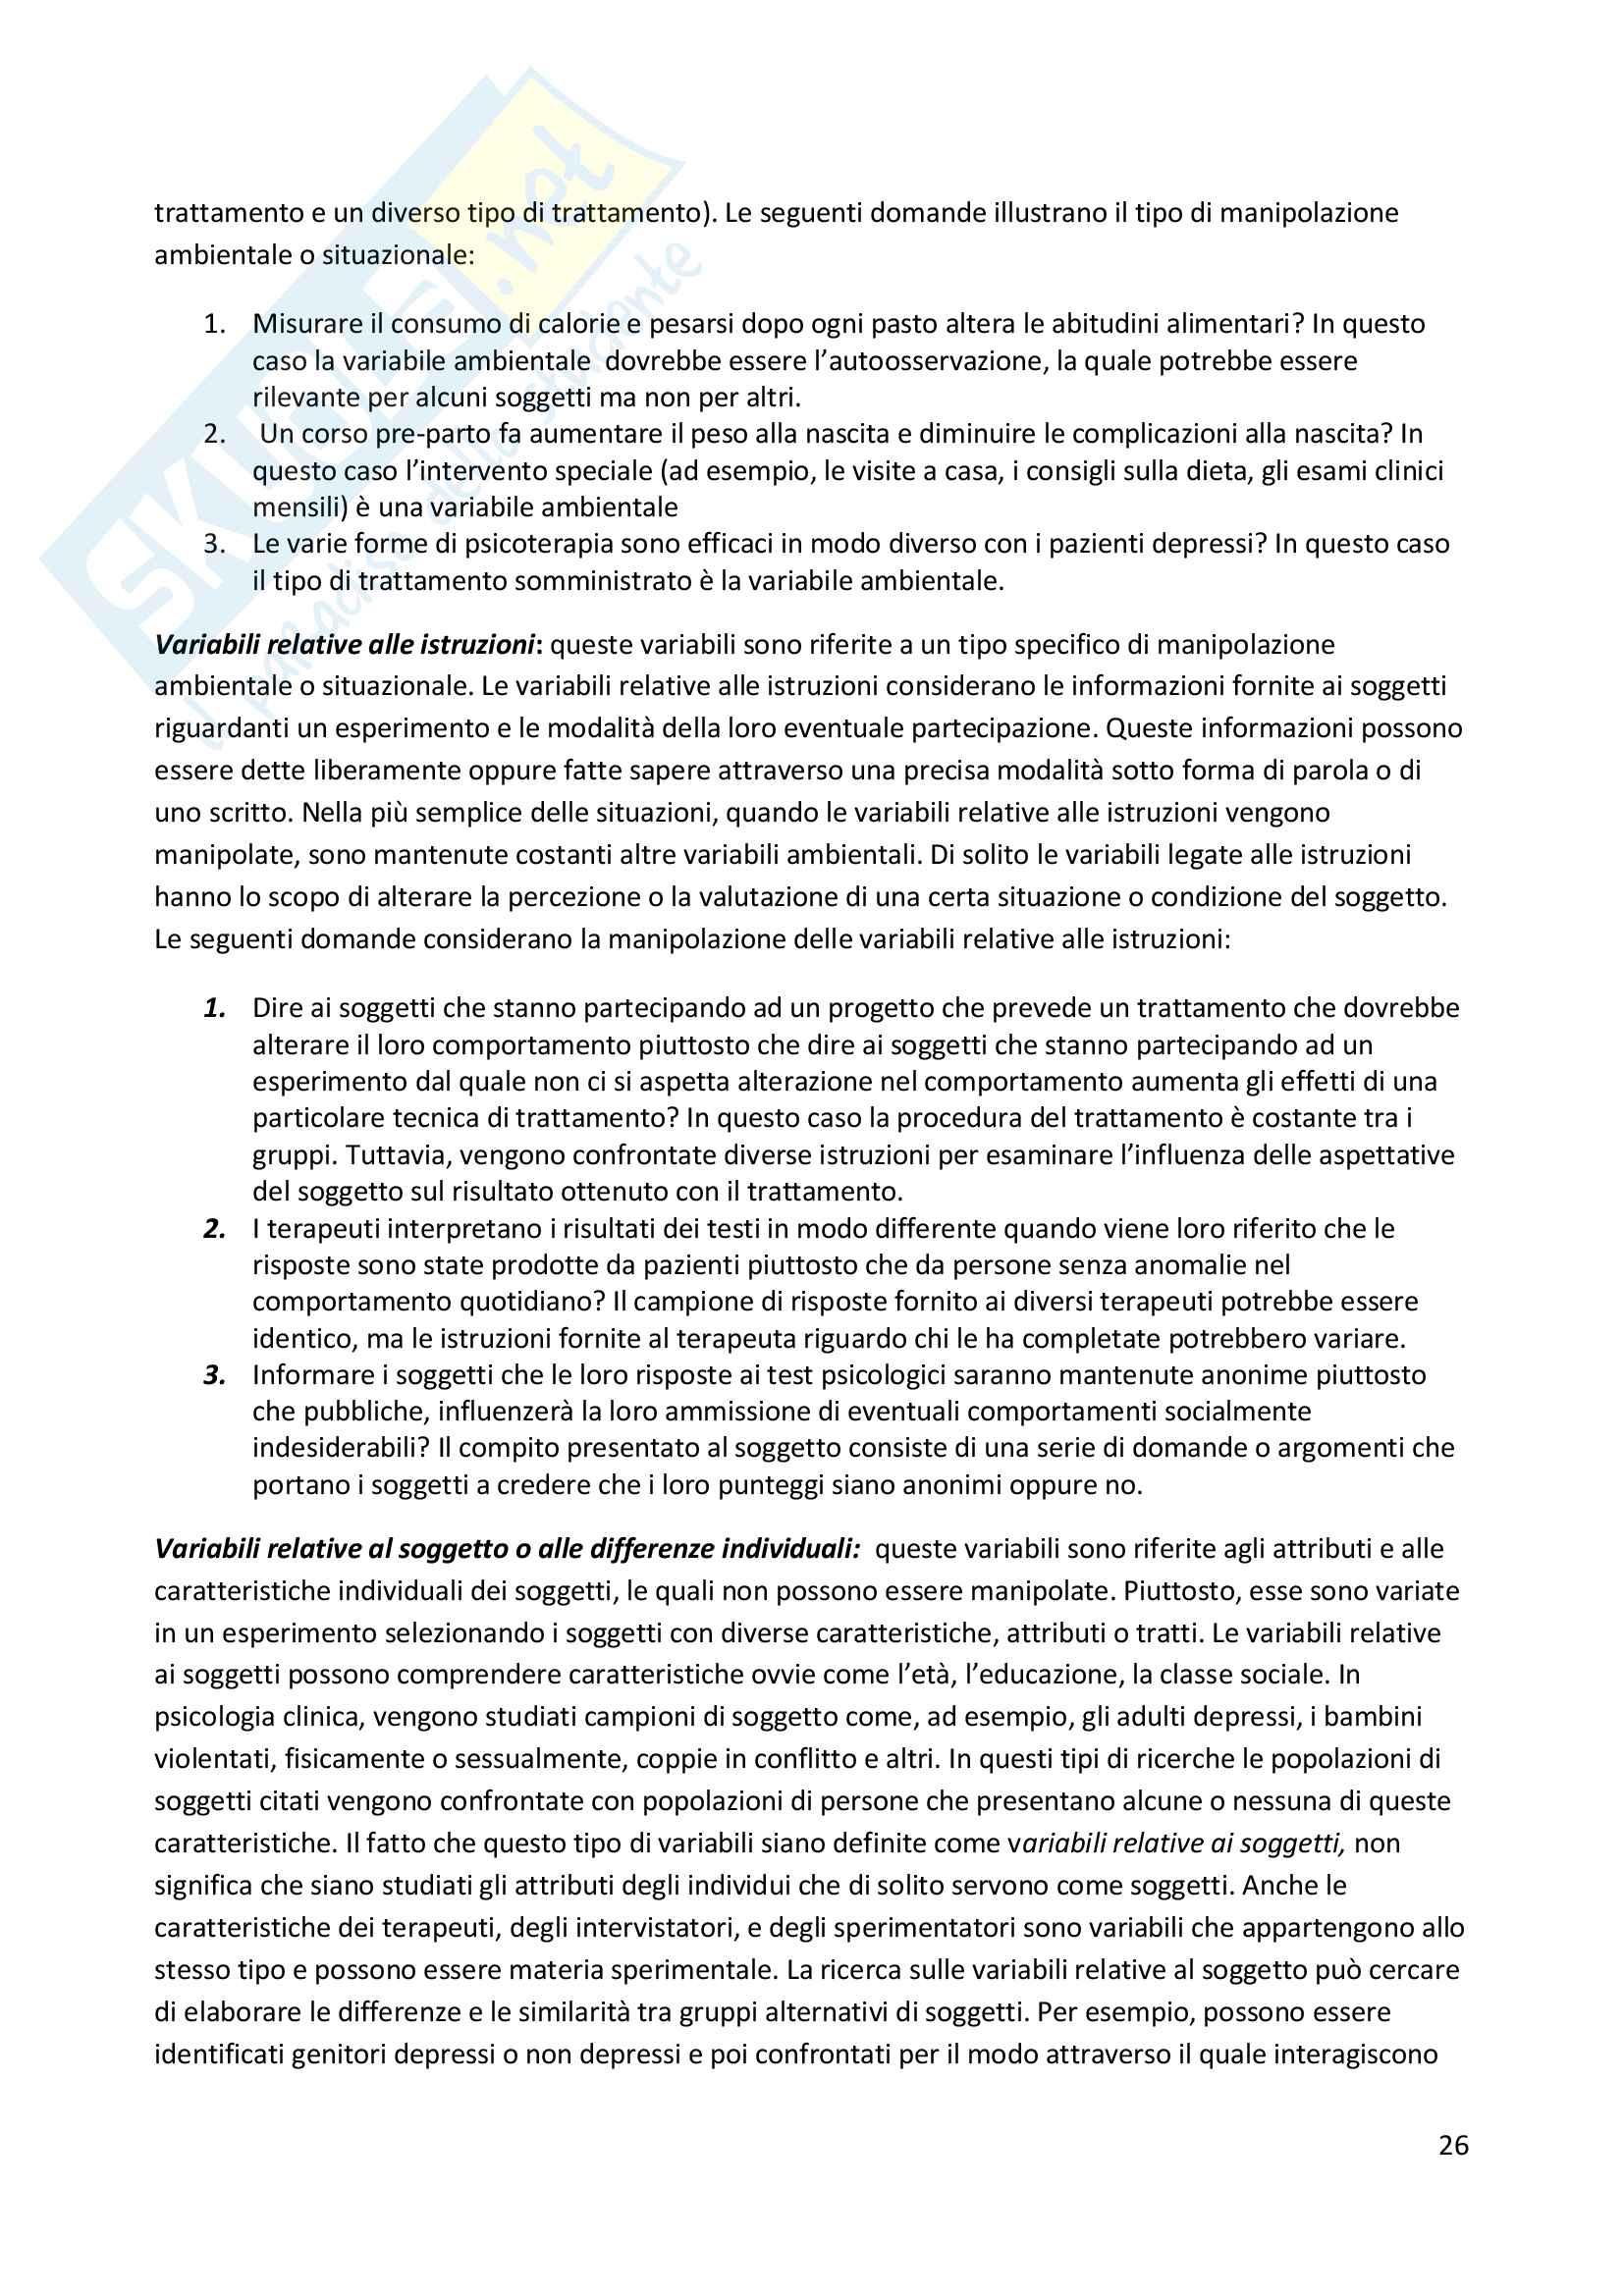 Riassunto esame Metodologia della ricerca in Psicologia Clinica, prof. Lo Coco, libro consigliato Metodi di ricerca in psicologia clinica, Alan E. Kazdin Pag. 26